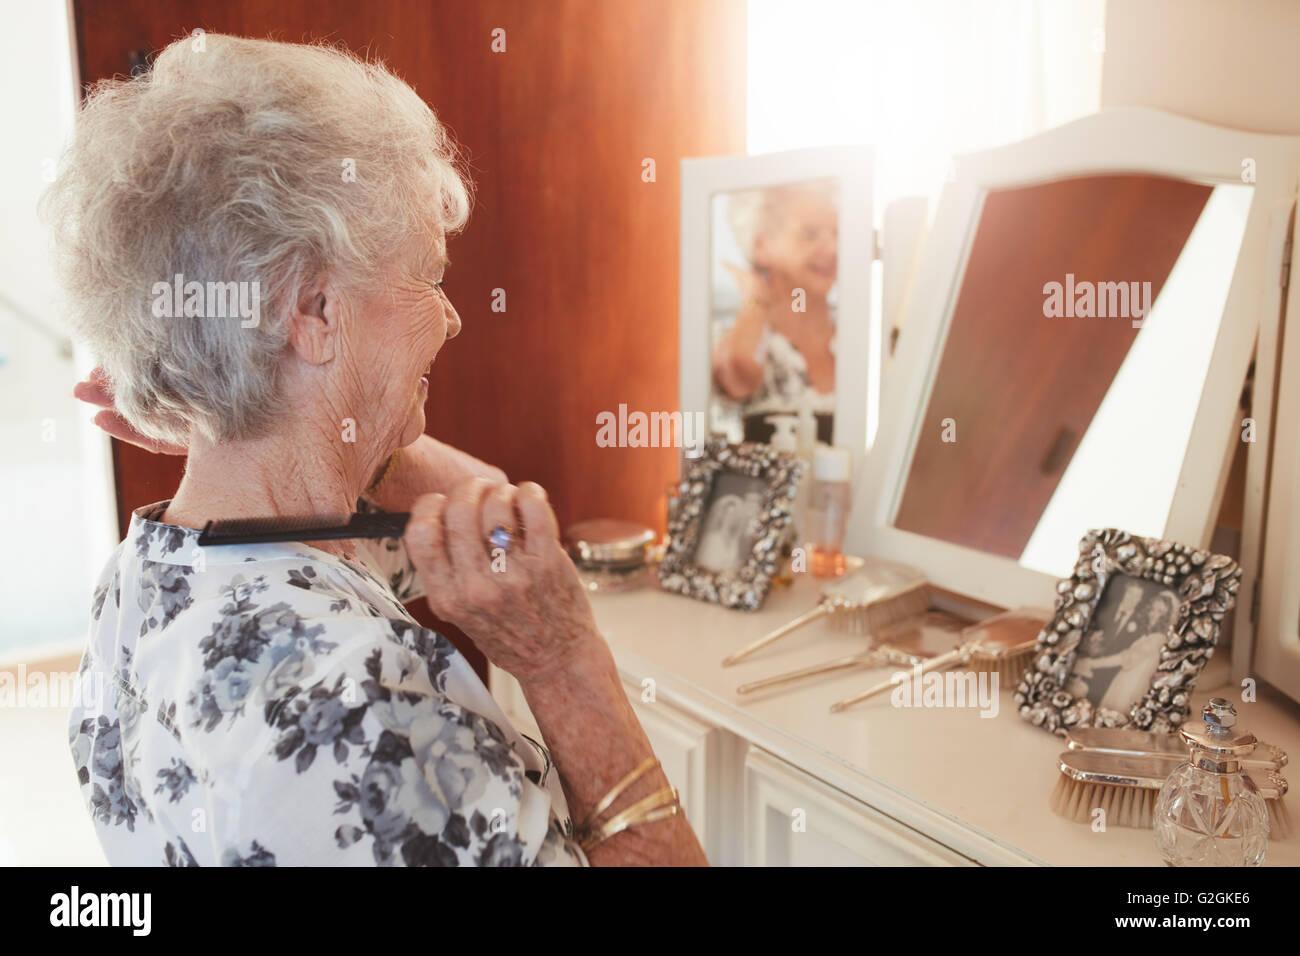 Glückliche senior Frau kämmt am Kommode im Haus. Ältere Weibchen immer vor dem Spiegel zu Hause bereit. Stockbild